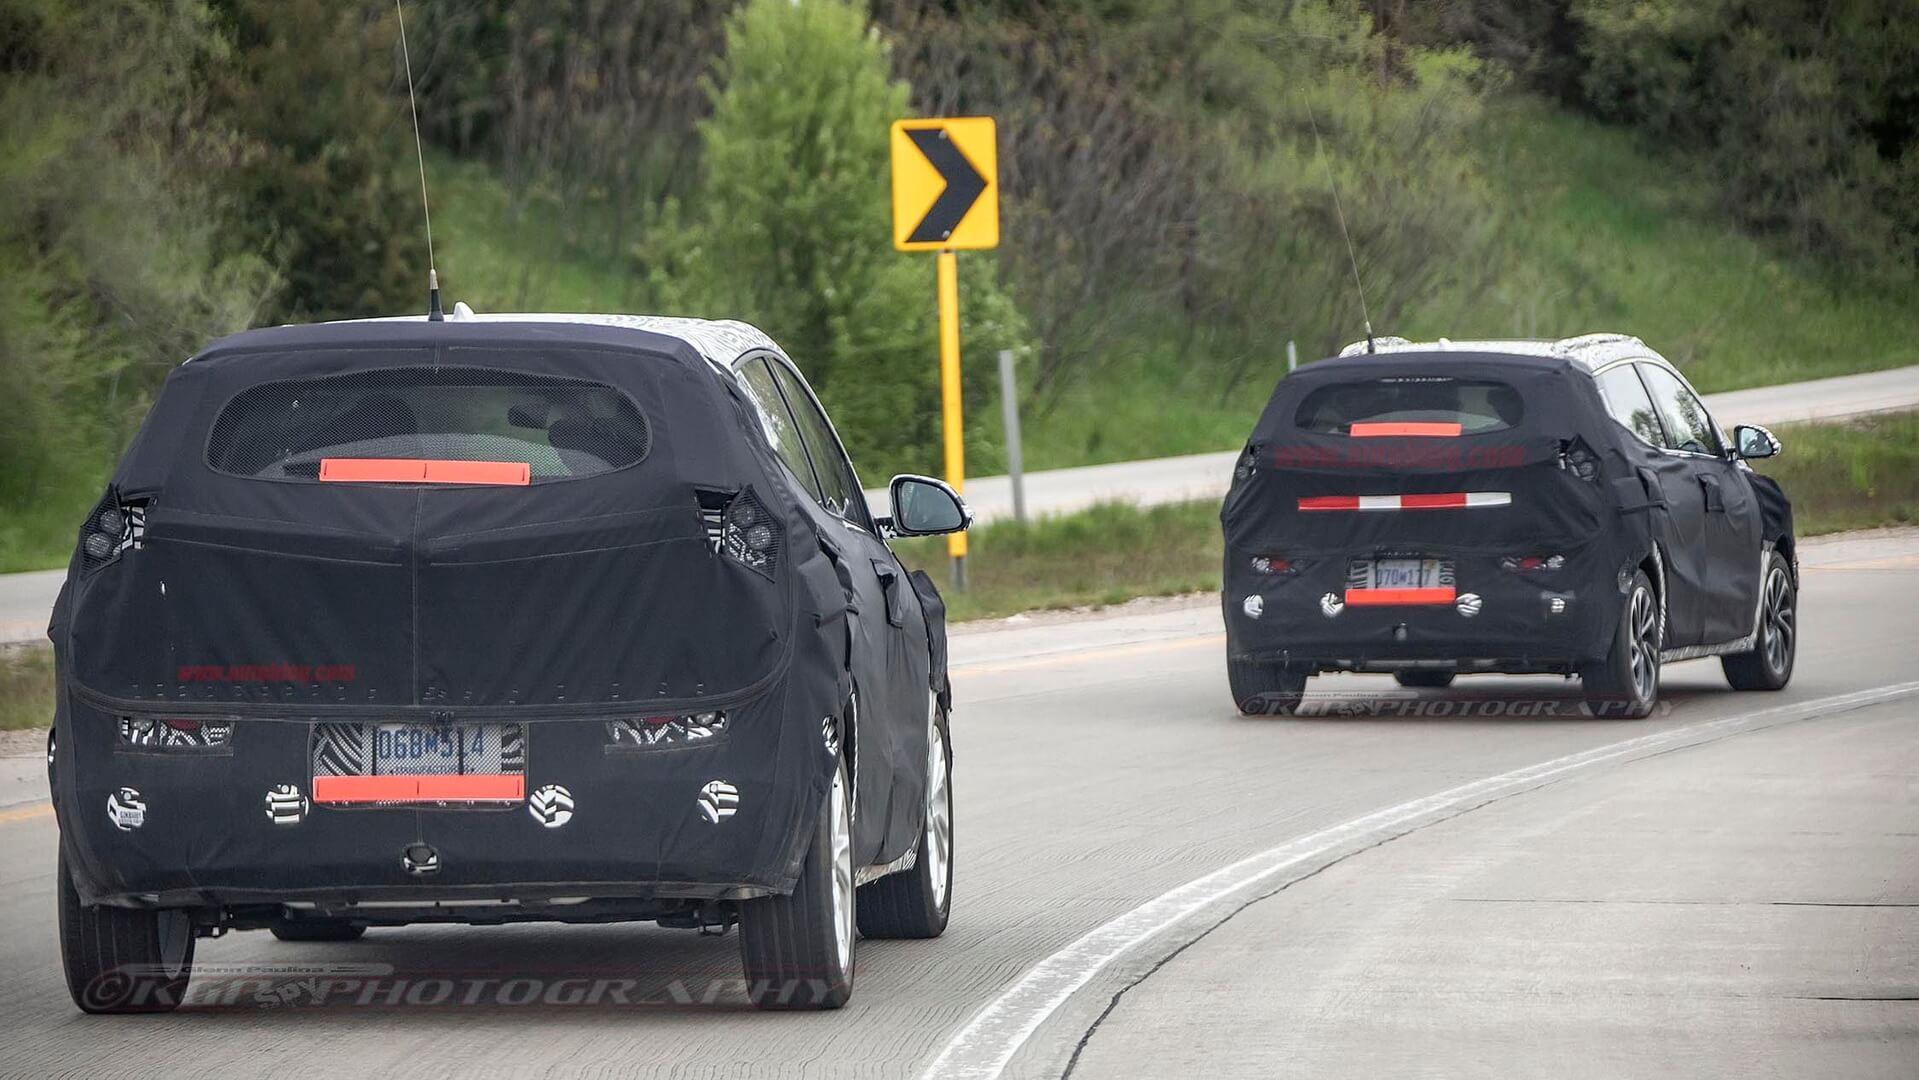 Шпионские фото приоткрыли детали электрического кроссовера Chevrolet на базе Bolt